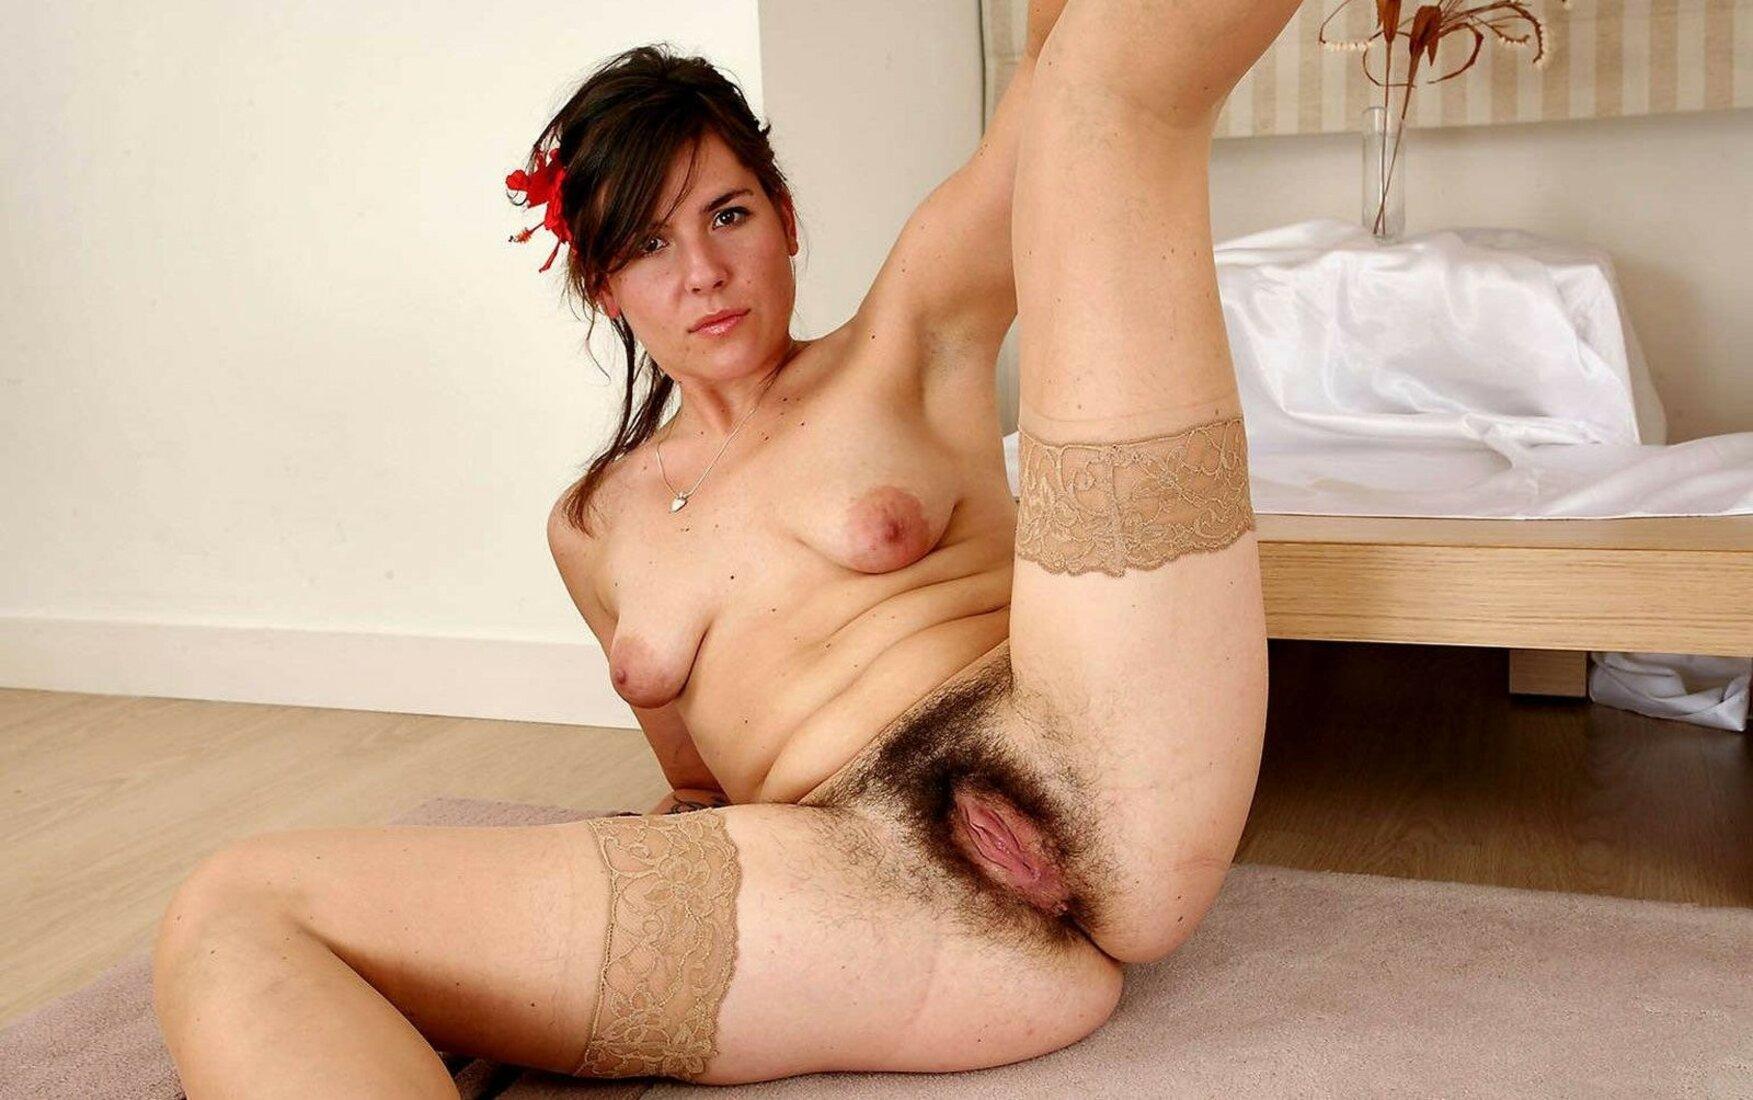 голые волосатые пизды зрелых фото красивая женщина с небольшой но красивой грудью, лежит на полу с цветком в волосах задрав ногу в чулах